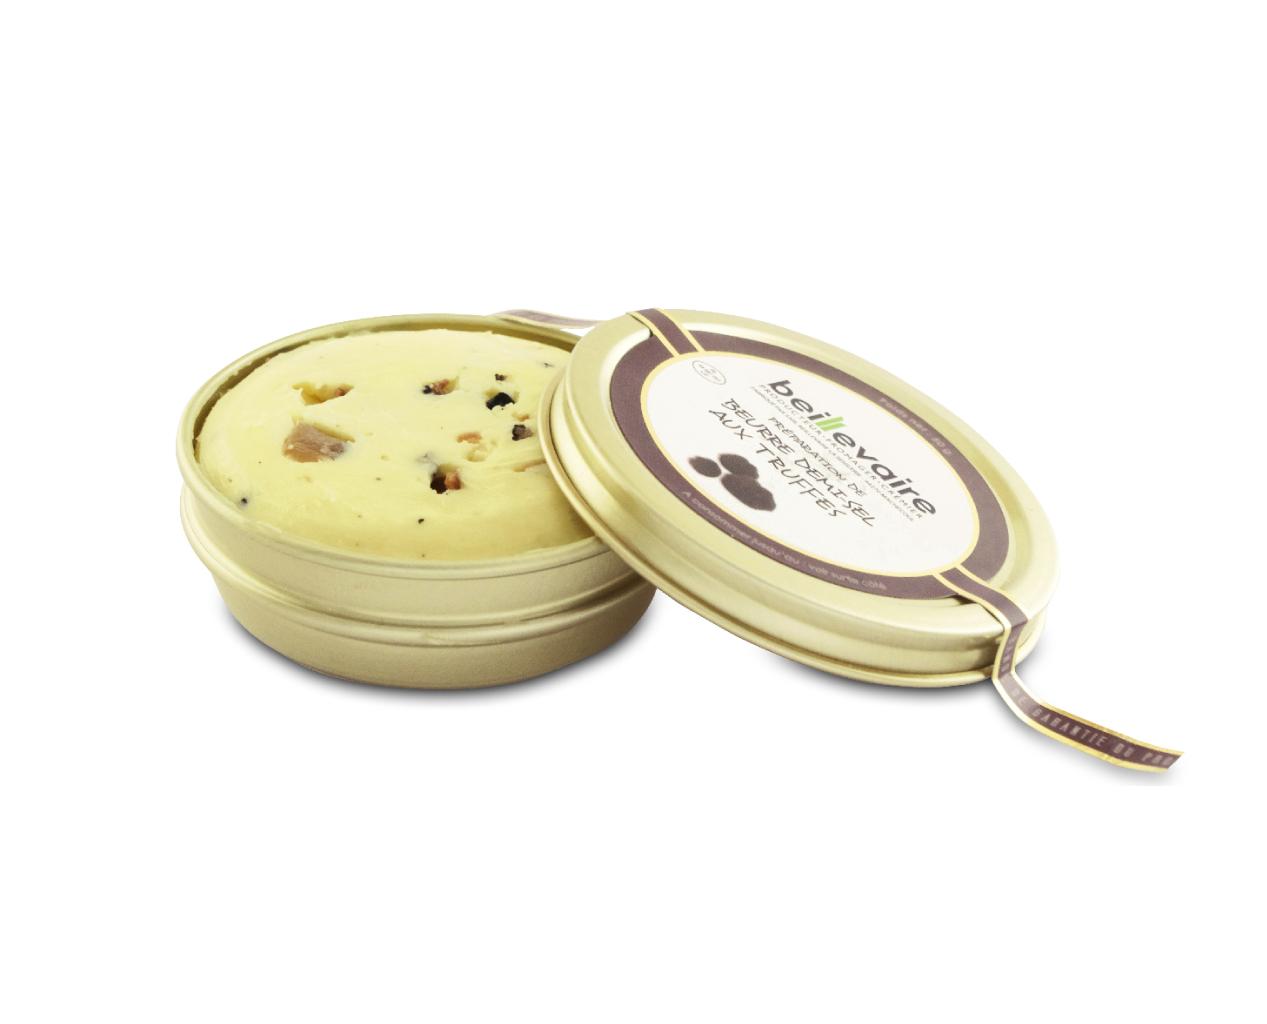 Beurre artisanal aux truffes, Beillevaire (50 g) - DLC au 22 juillet